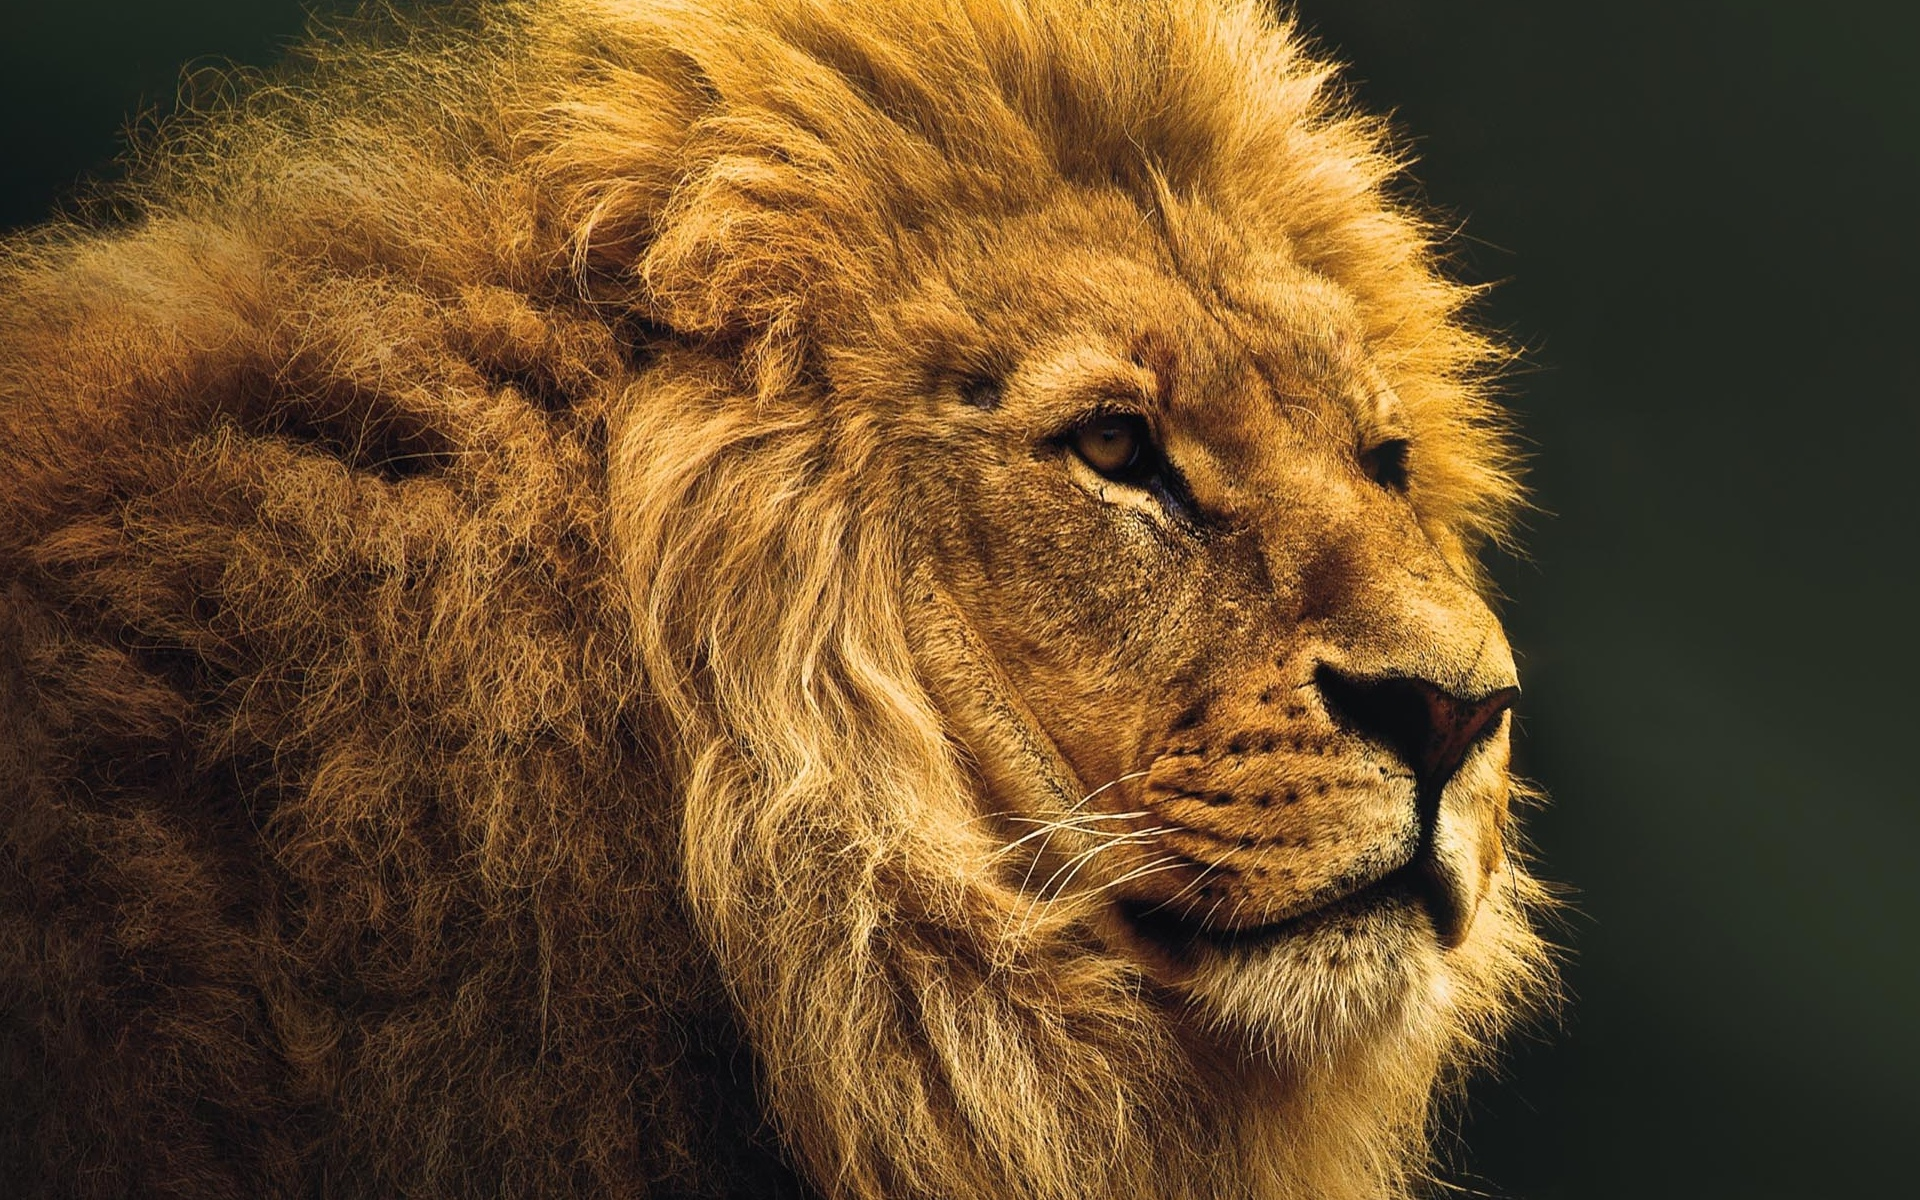 Extrêmement Magnifique Lion - fond écran HD - 10 000 Fonds d'écran HD gratuits  VY35